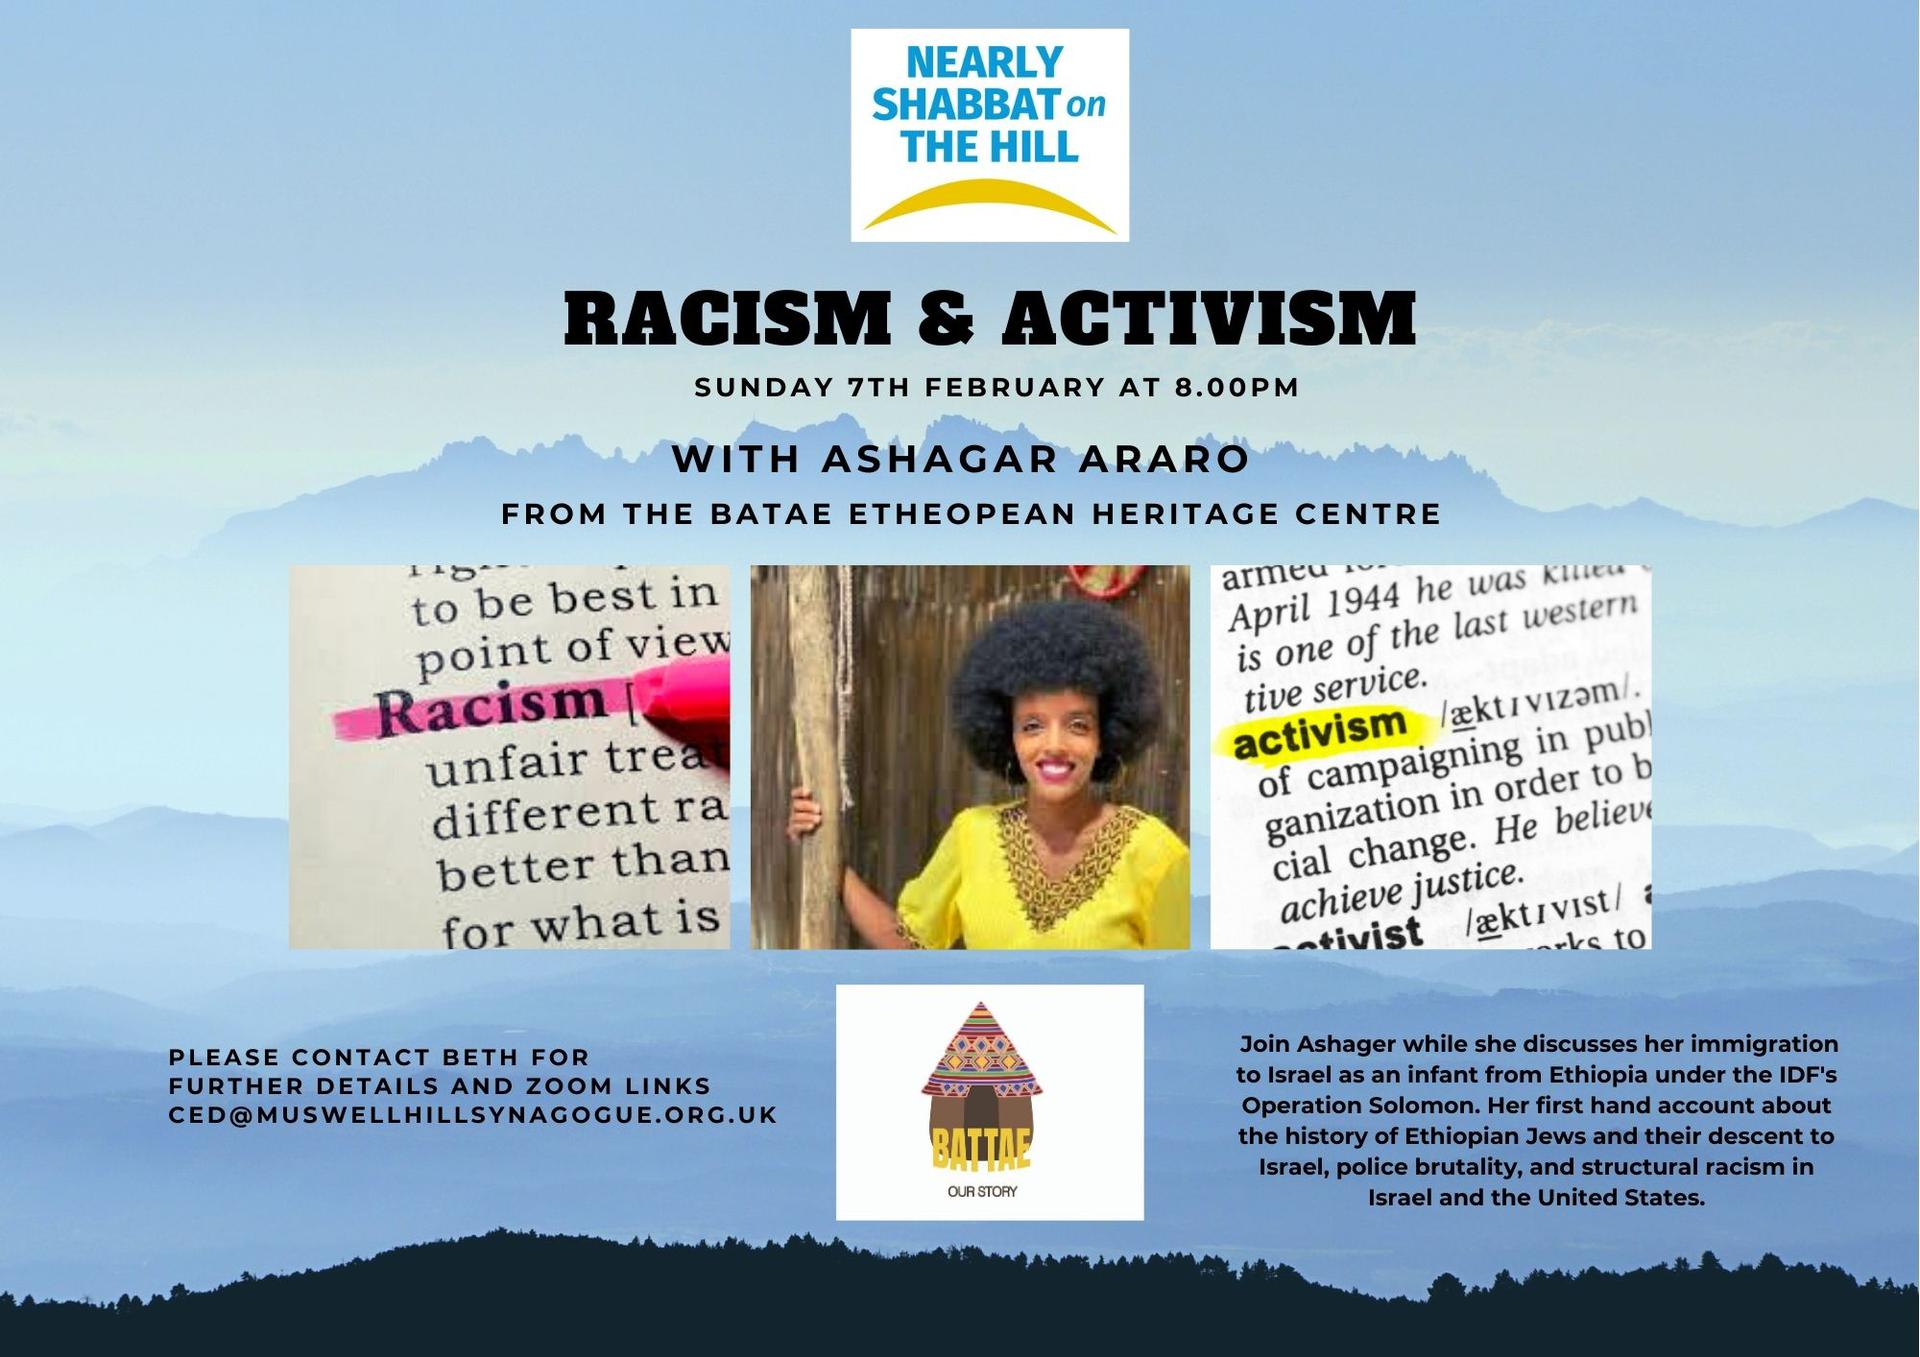 Racism & Activism